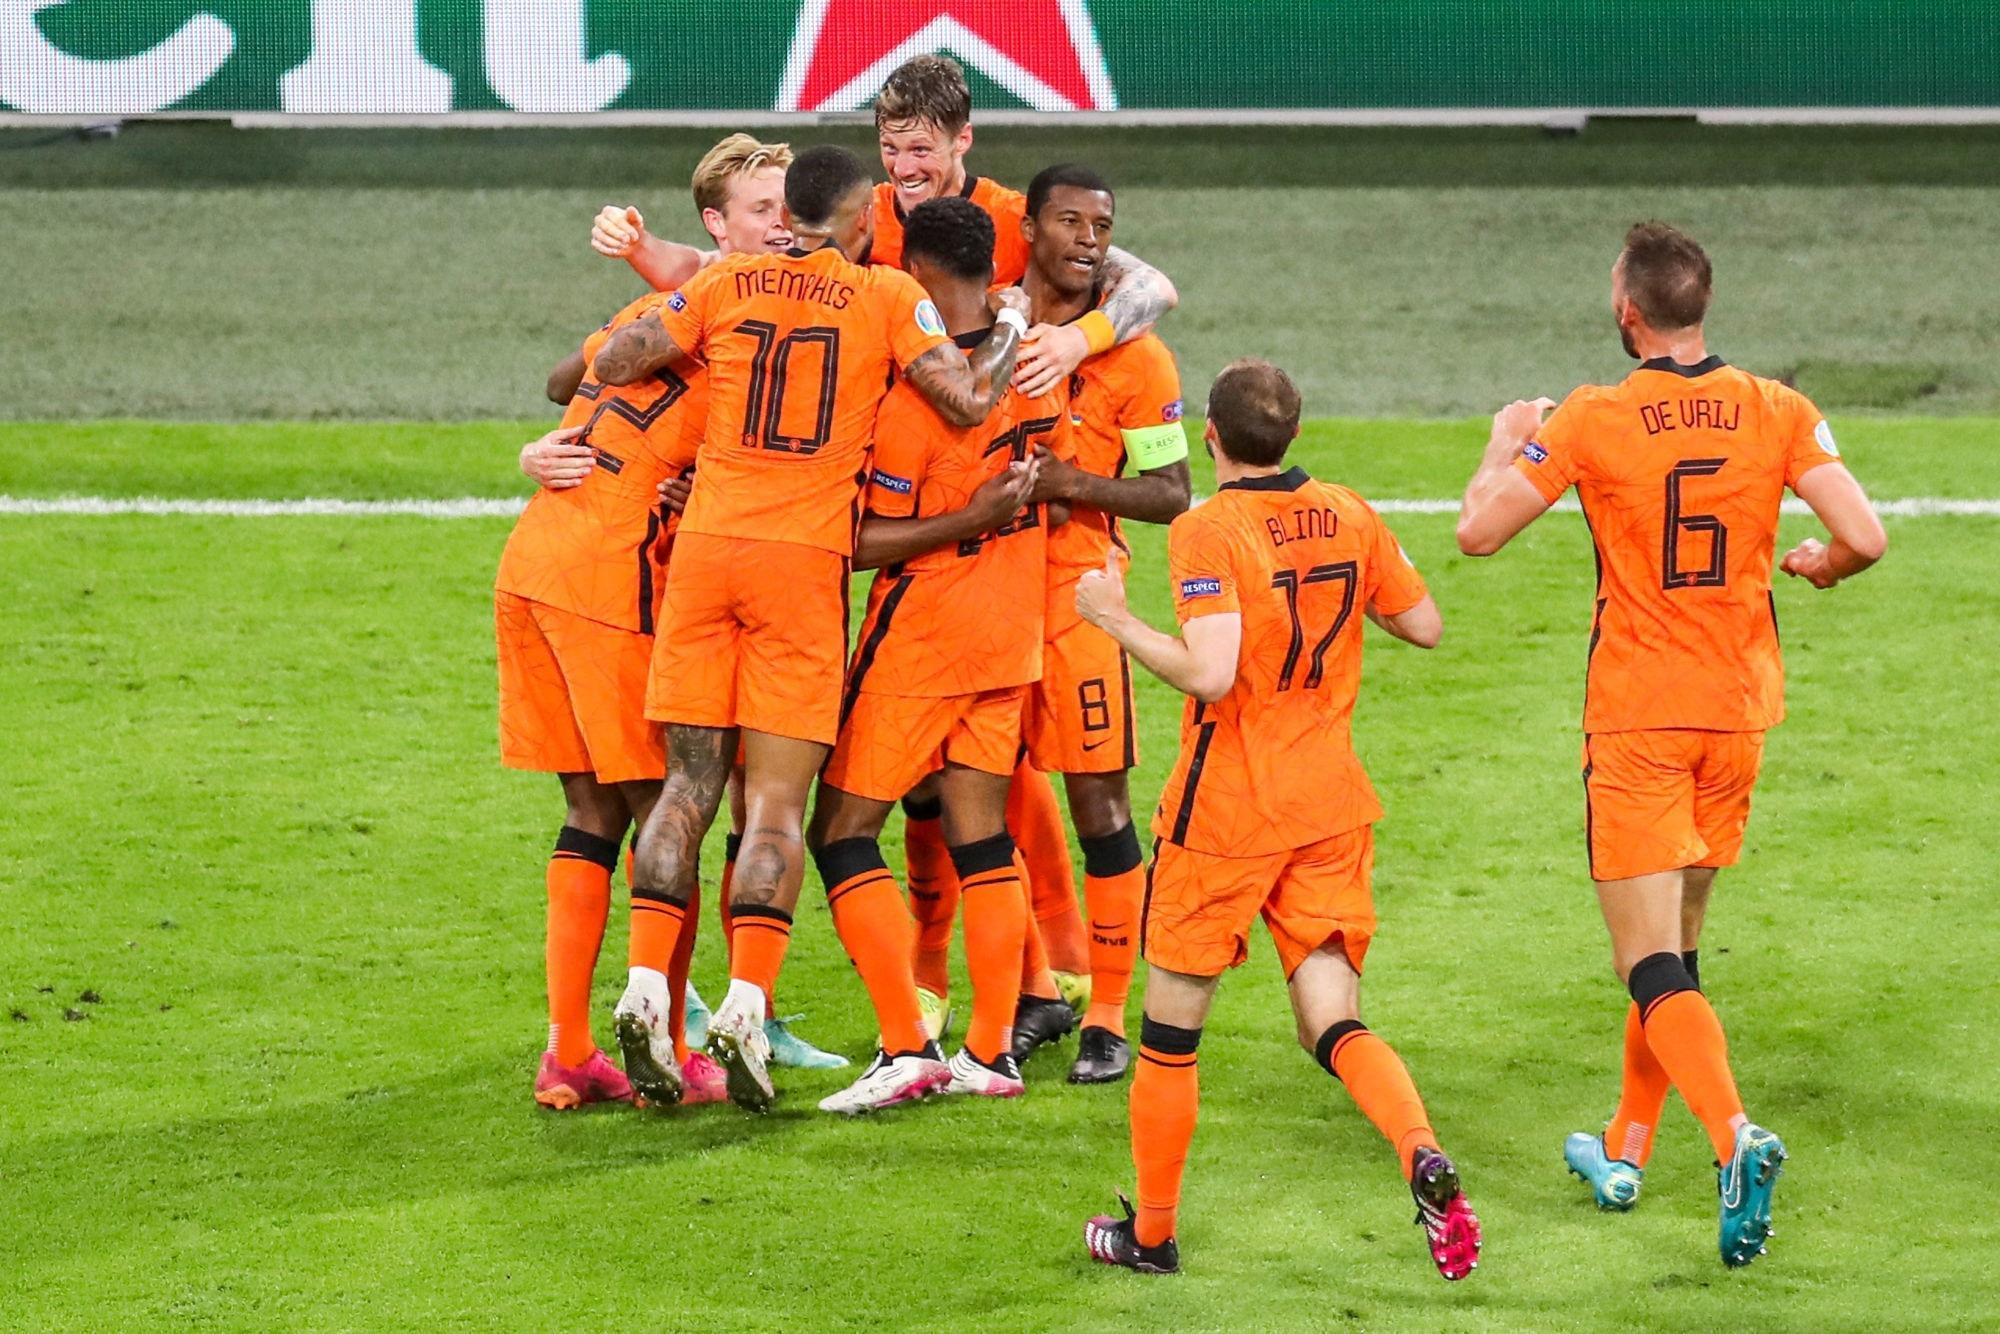 Résumé Pays-Bas/Ukraine (3-2): La vidéo avec les buts